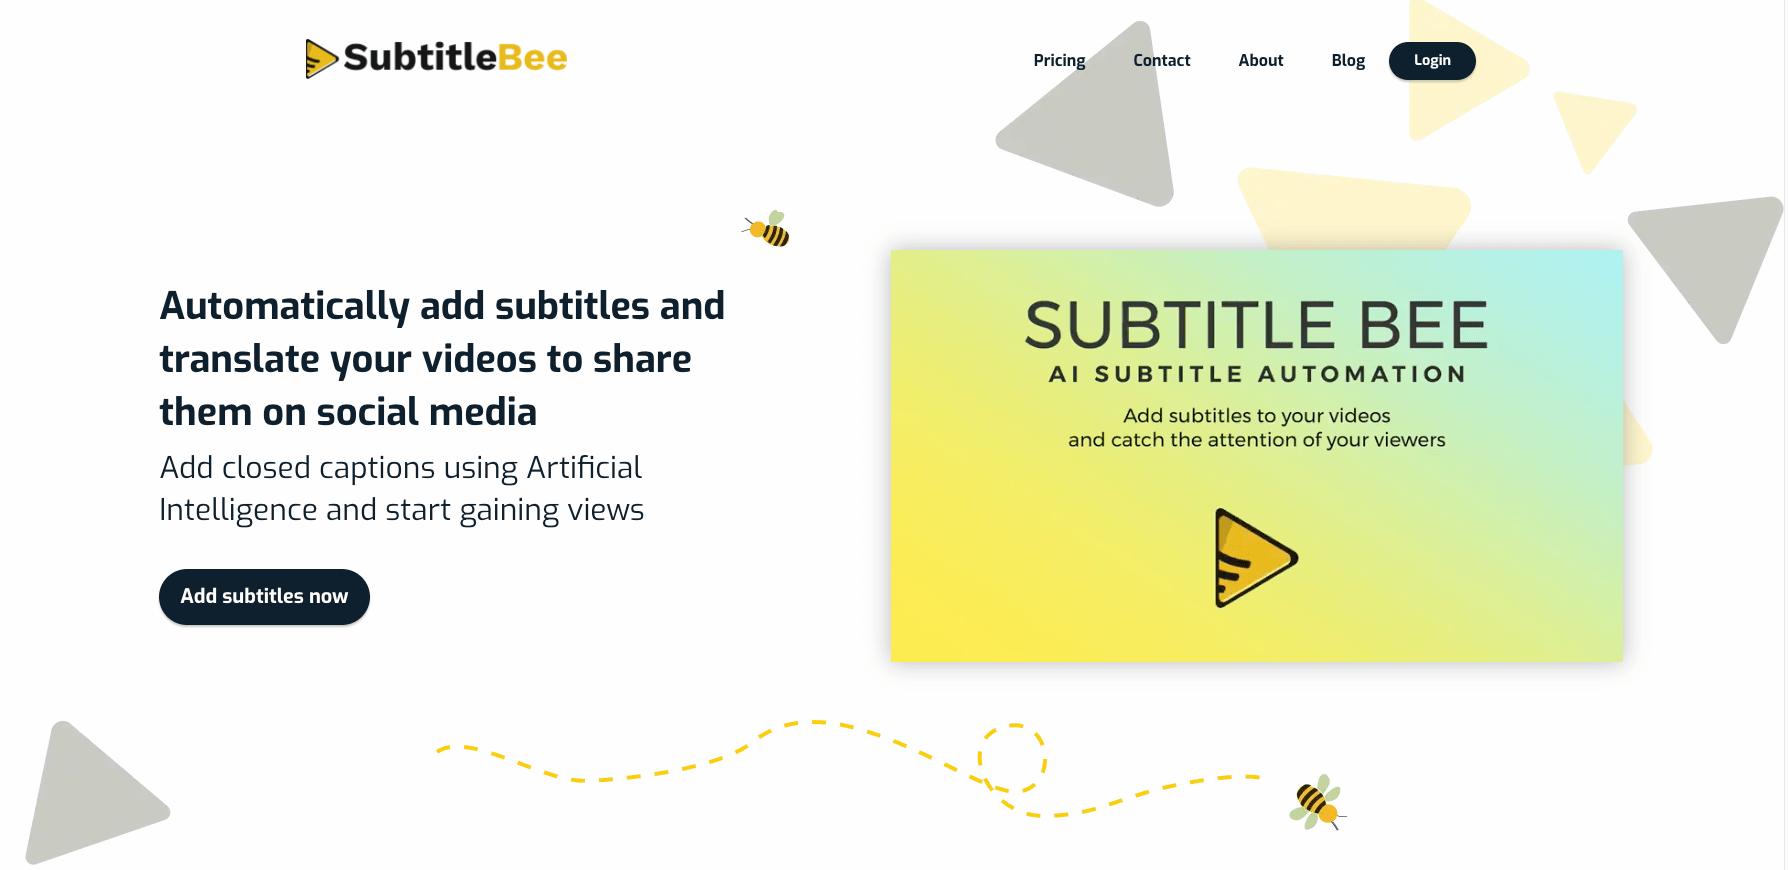 SubscribeBee